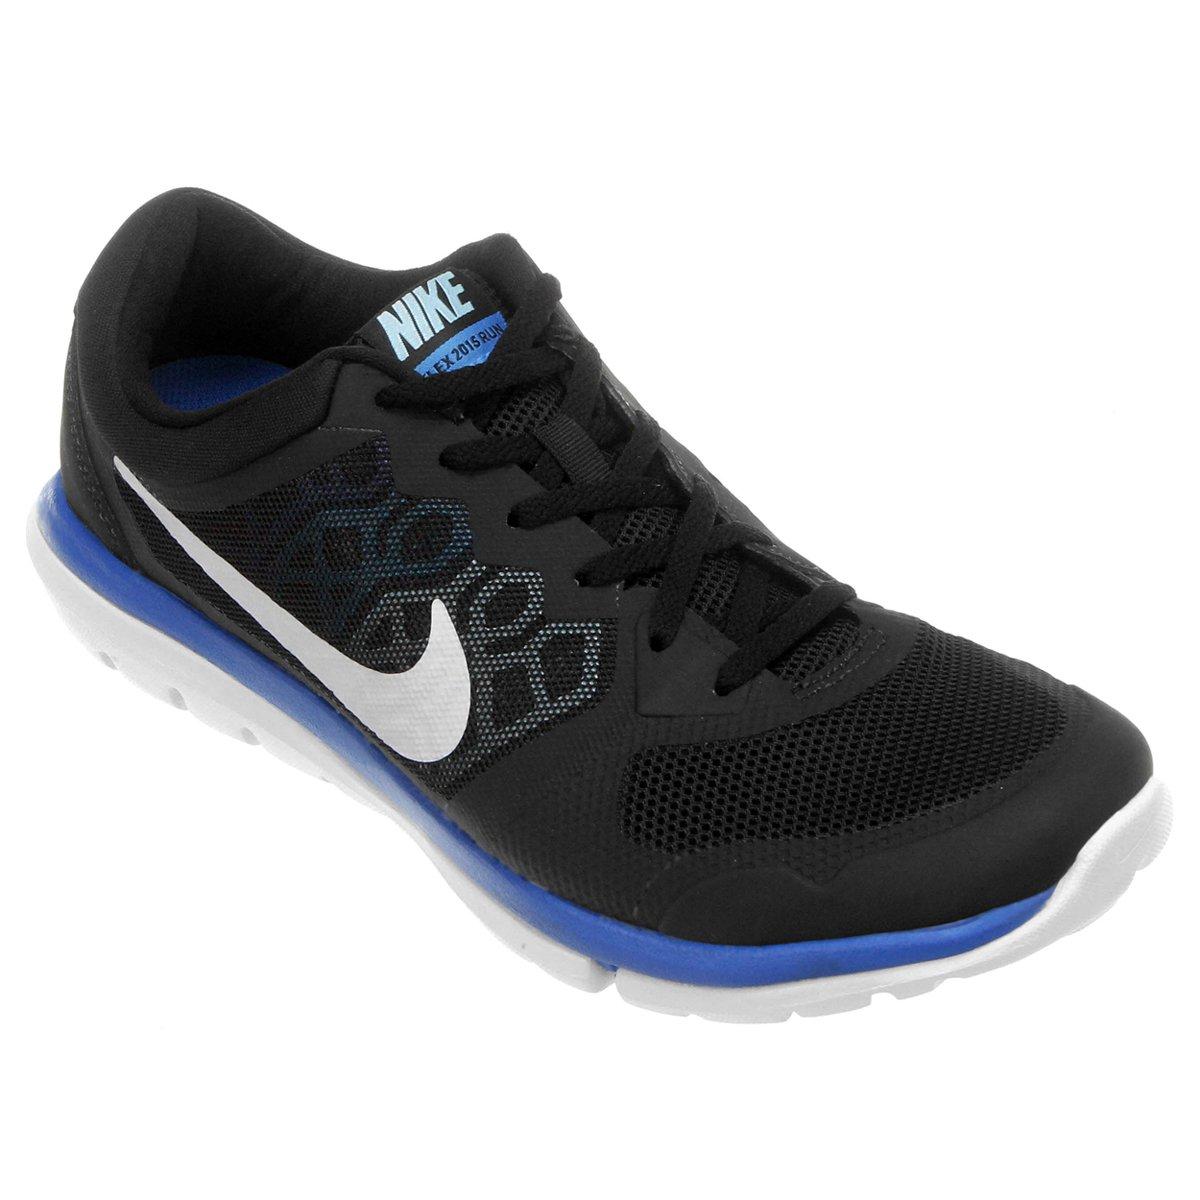 5b2a33e1fae Tênis Nike Flex 2015 RN MSL - Compre Agora